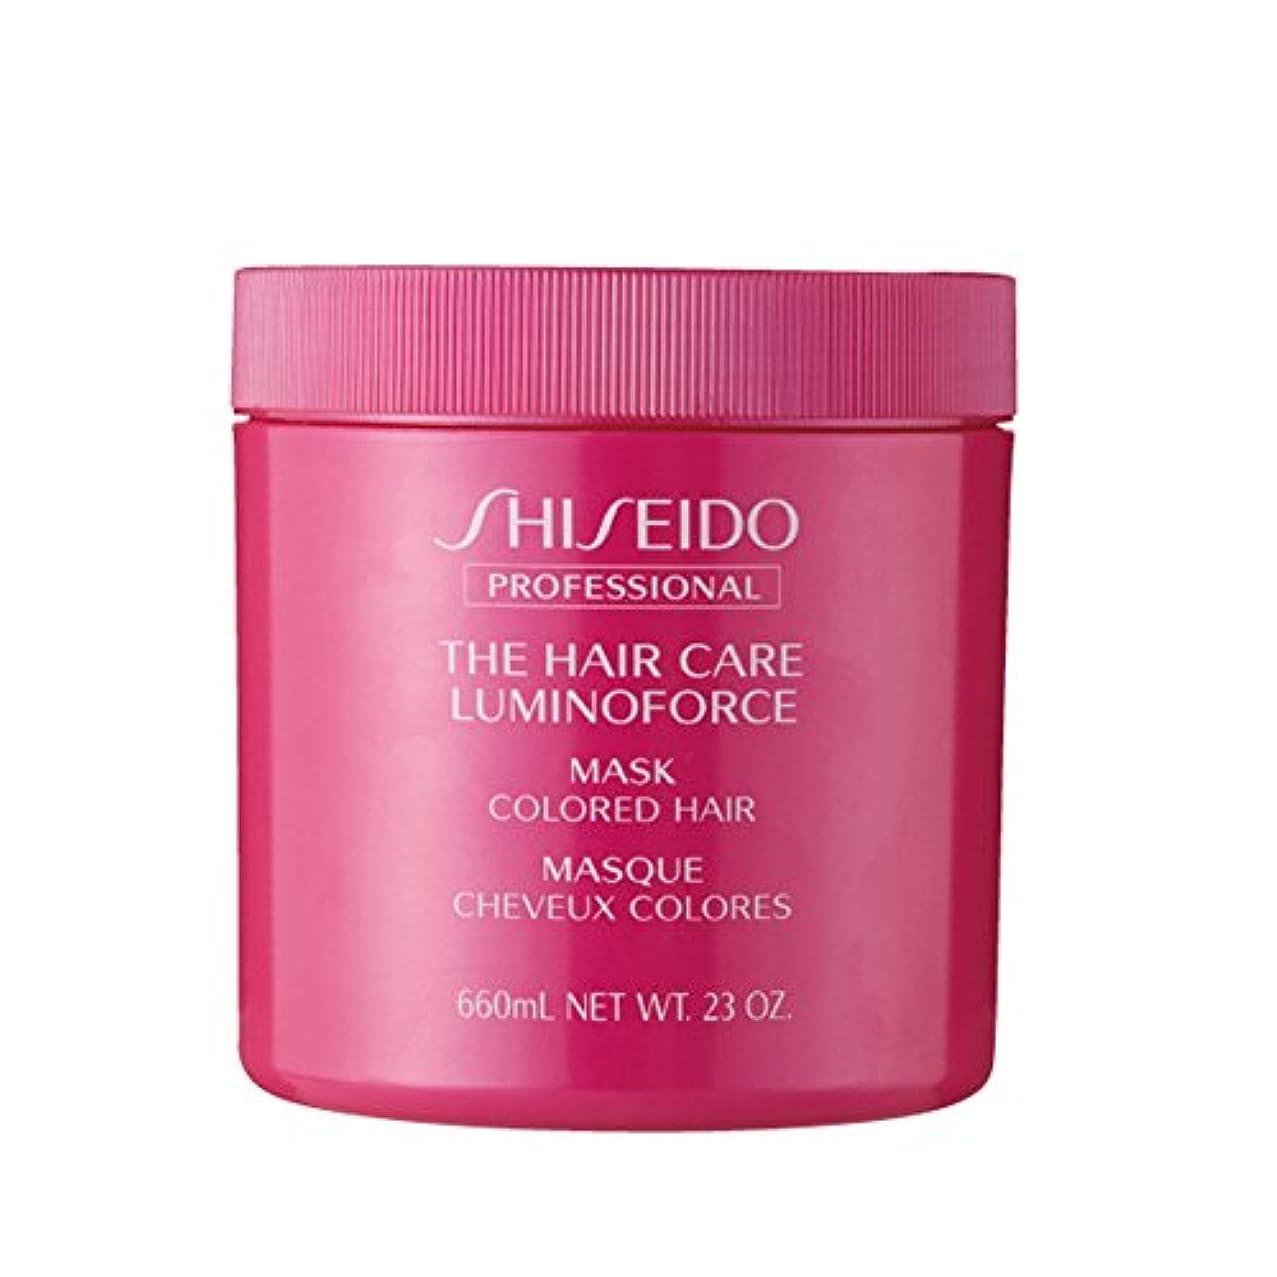 バング異常中庭資生堂 THC ルミノフォースマスク 680g ×3個 セットヘアカラーを繰り返したごわついた髪を、芯からしなやかでつややかな髪へSHISEIDO LUMINOFORCE